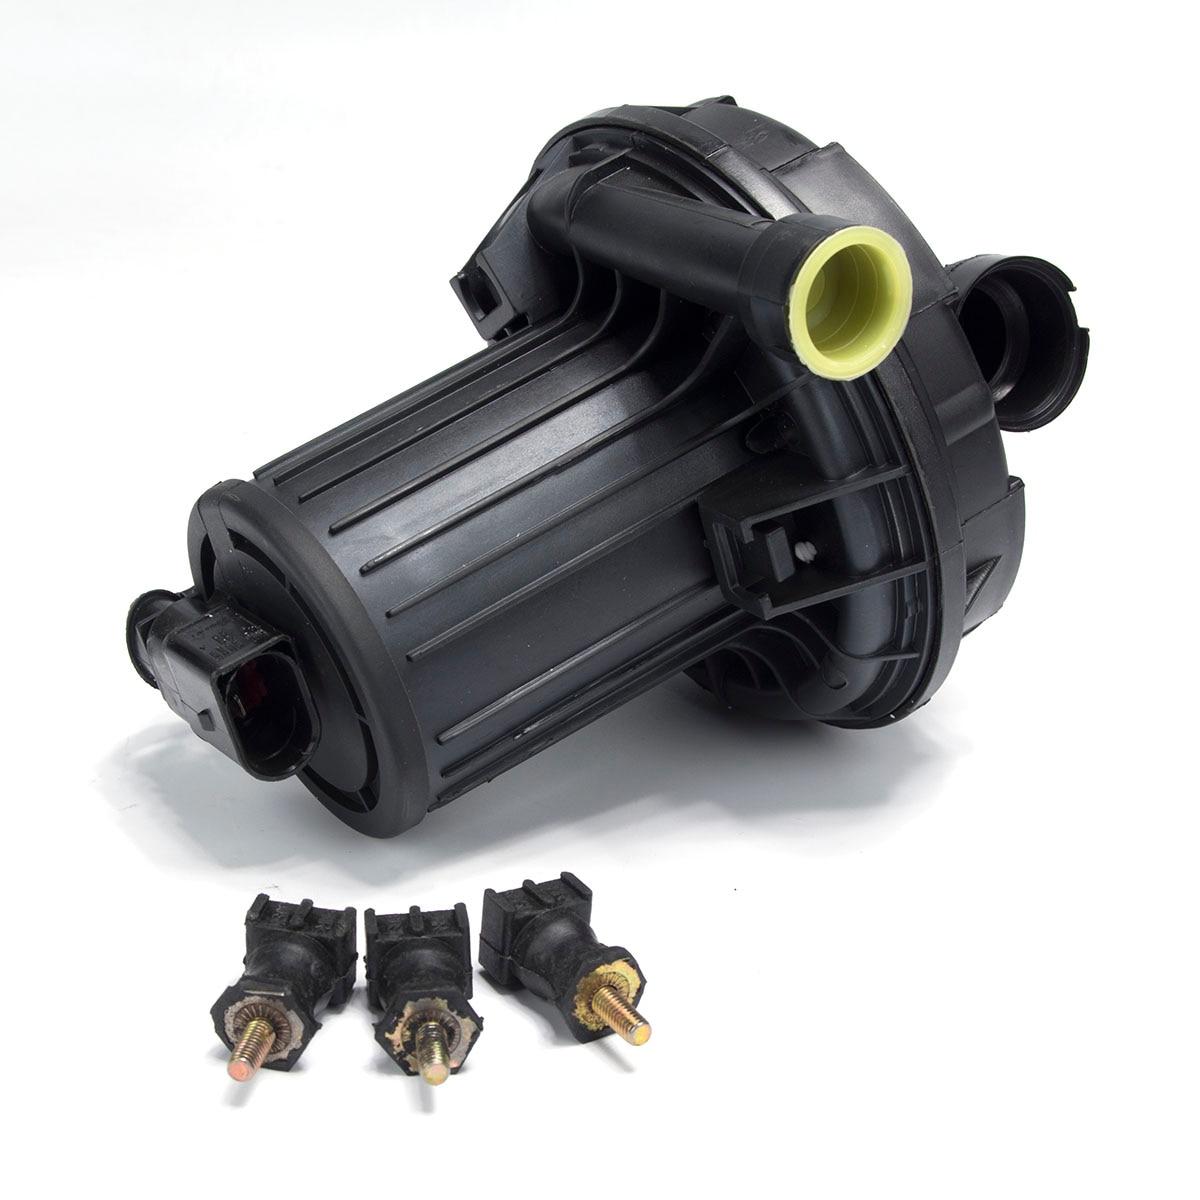 Pompe à Air secondaire auxiliaire Smog pour VW Beetle Golf Jetta Passat 1.8 T 2.0 2.8 - 2